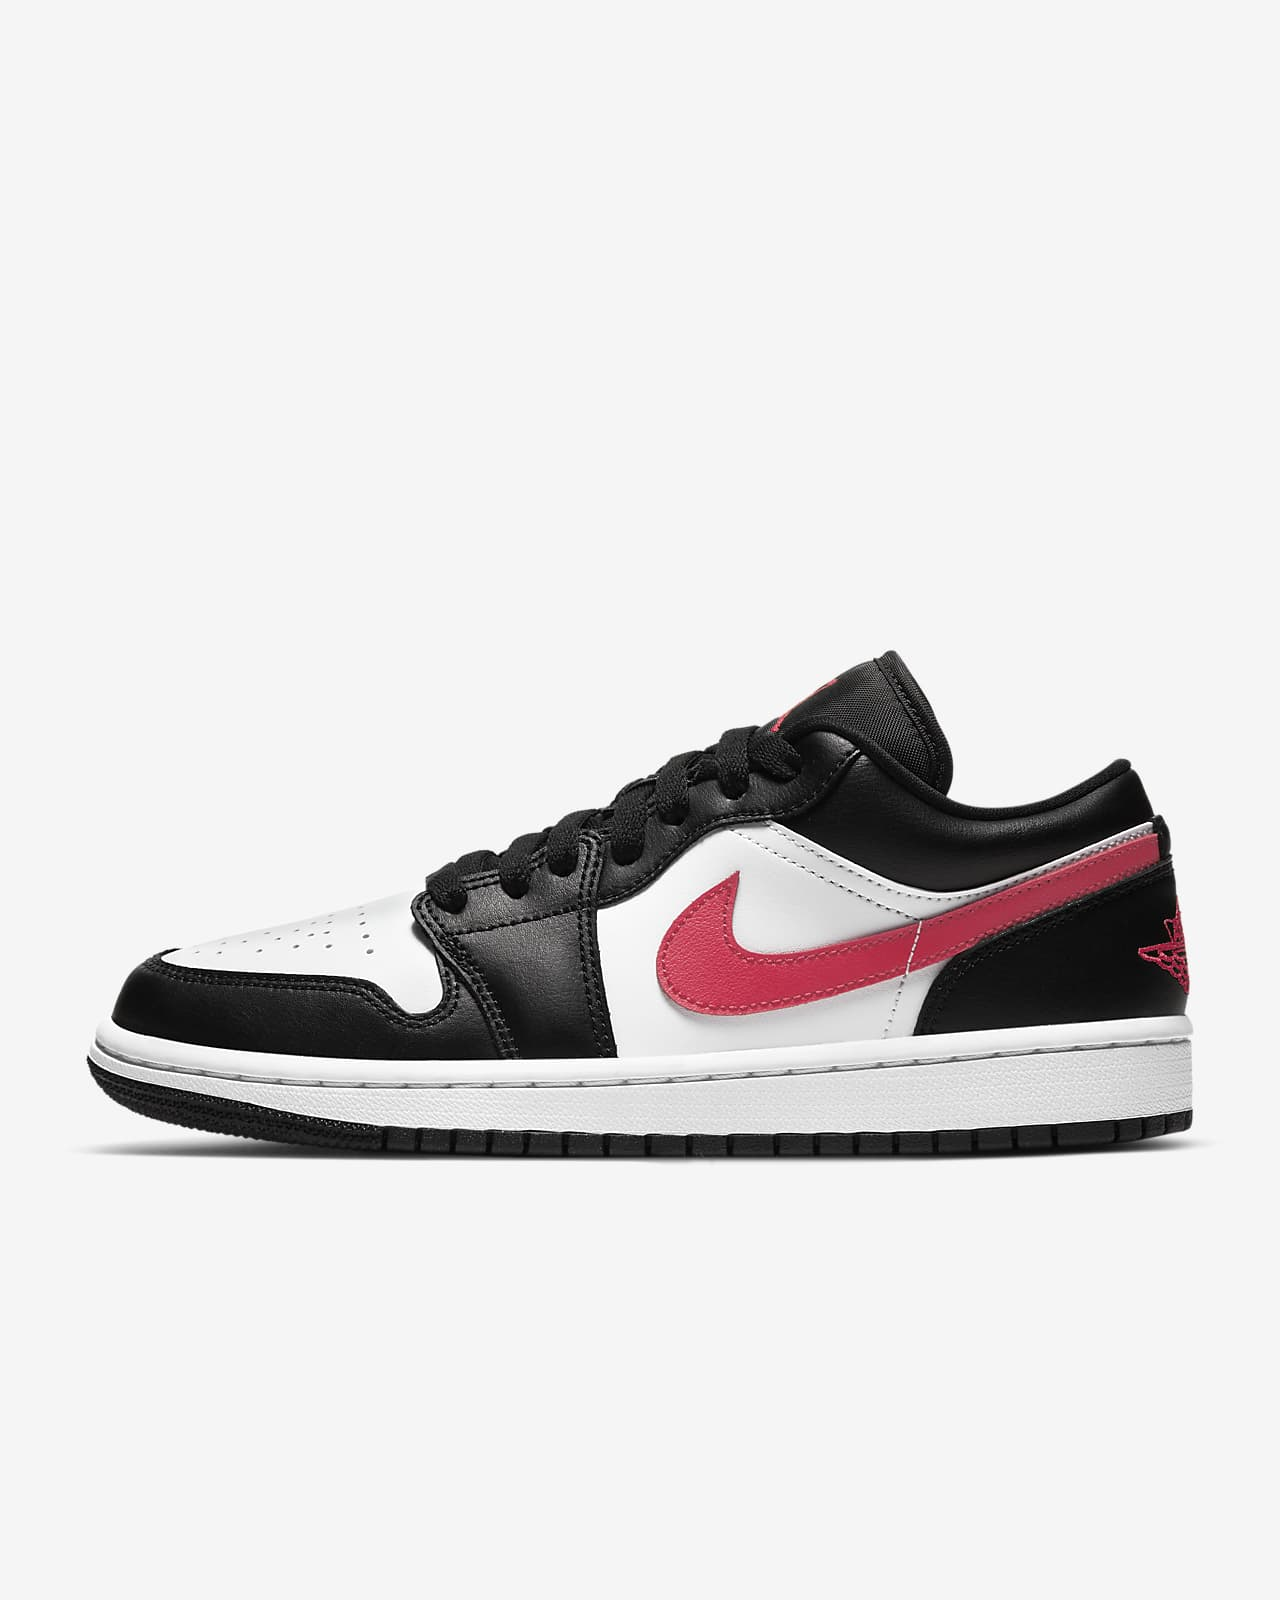 Air Jordan 1 Low Women's Shoe